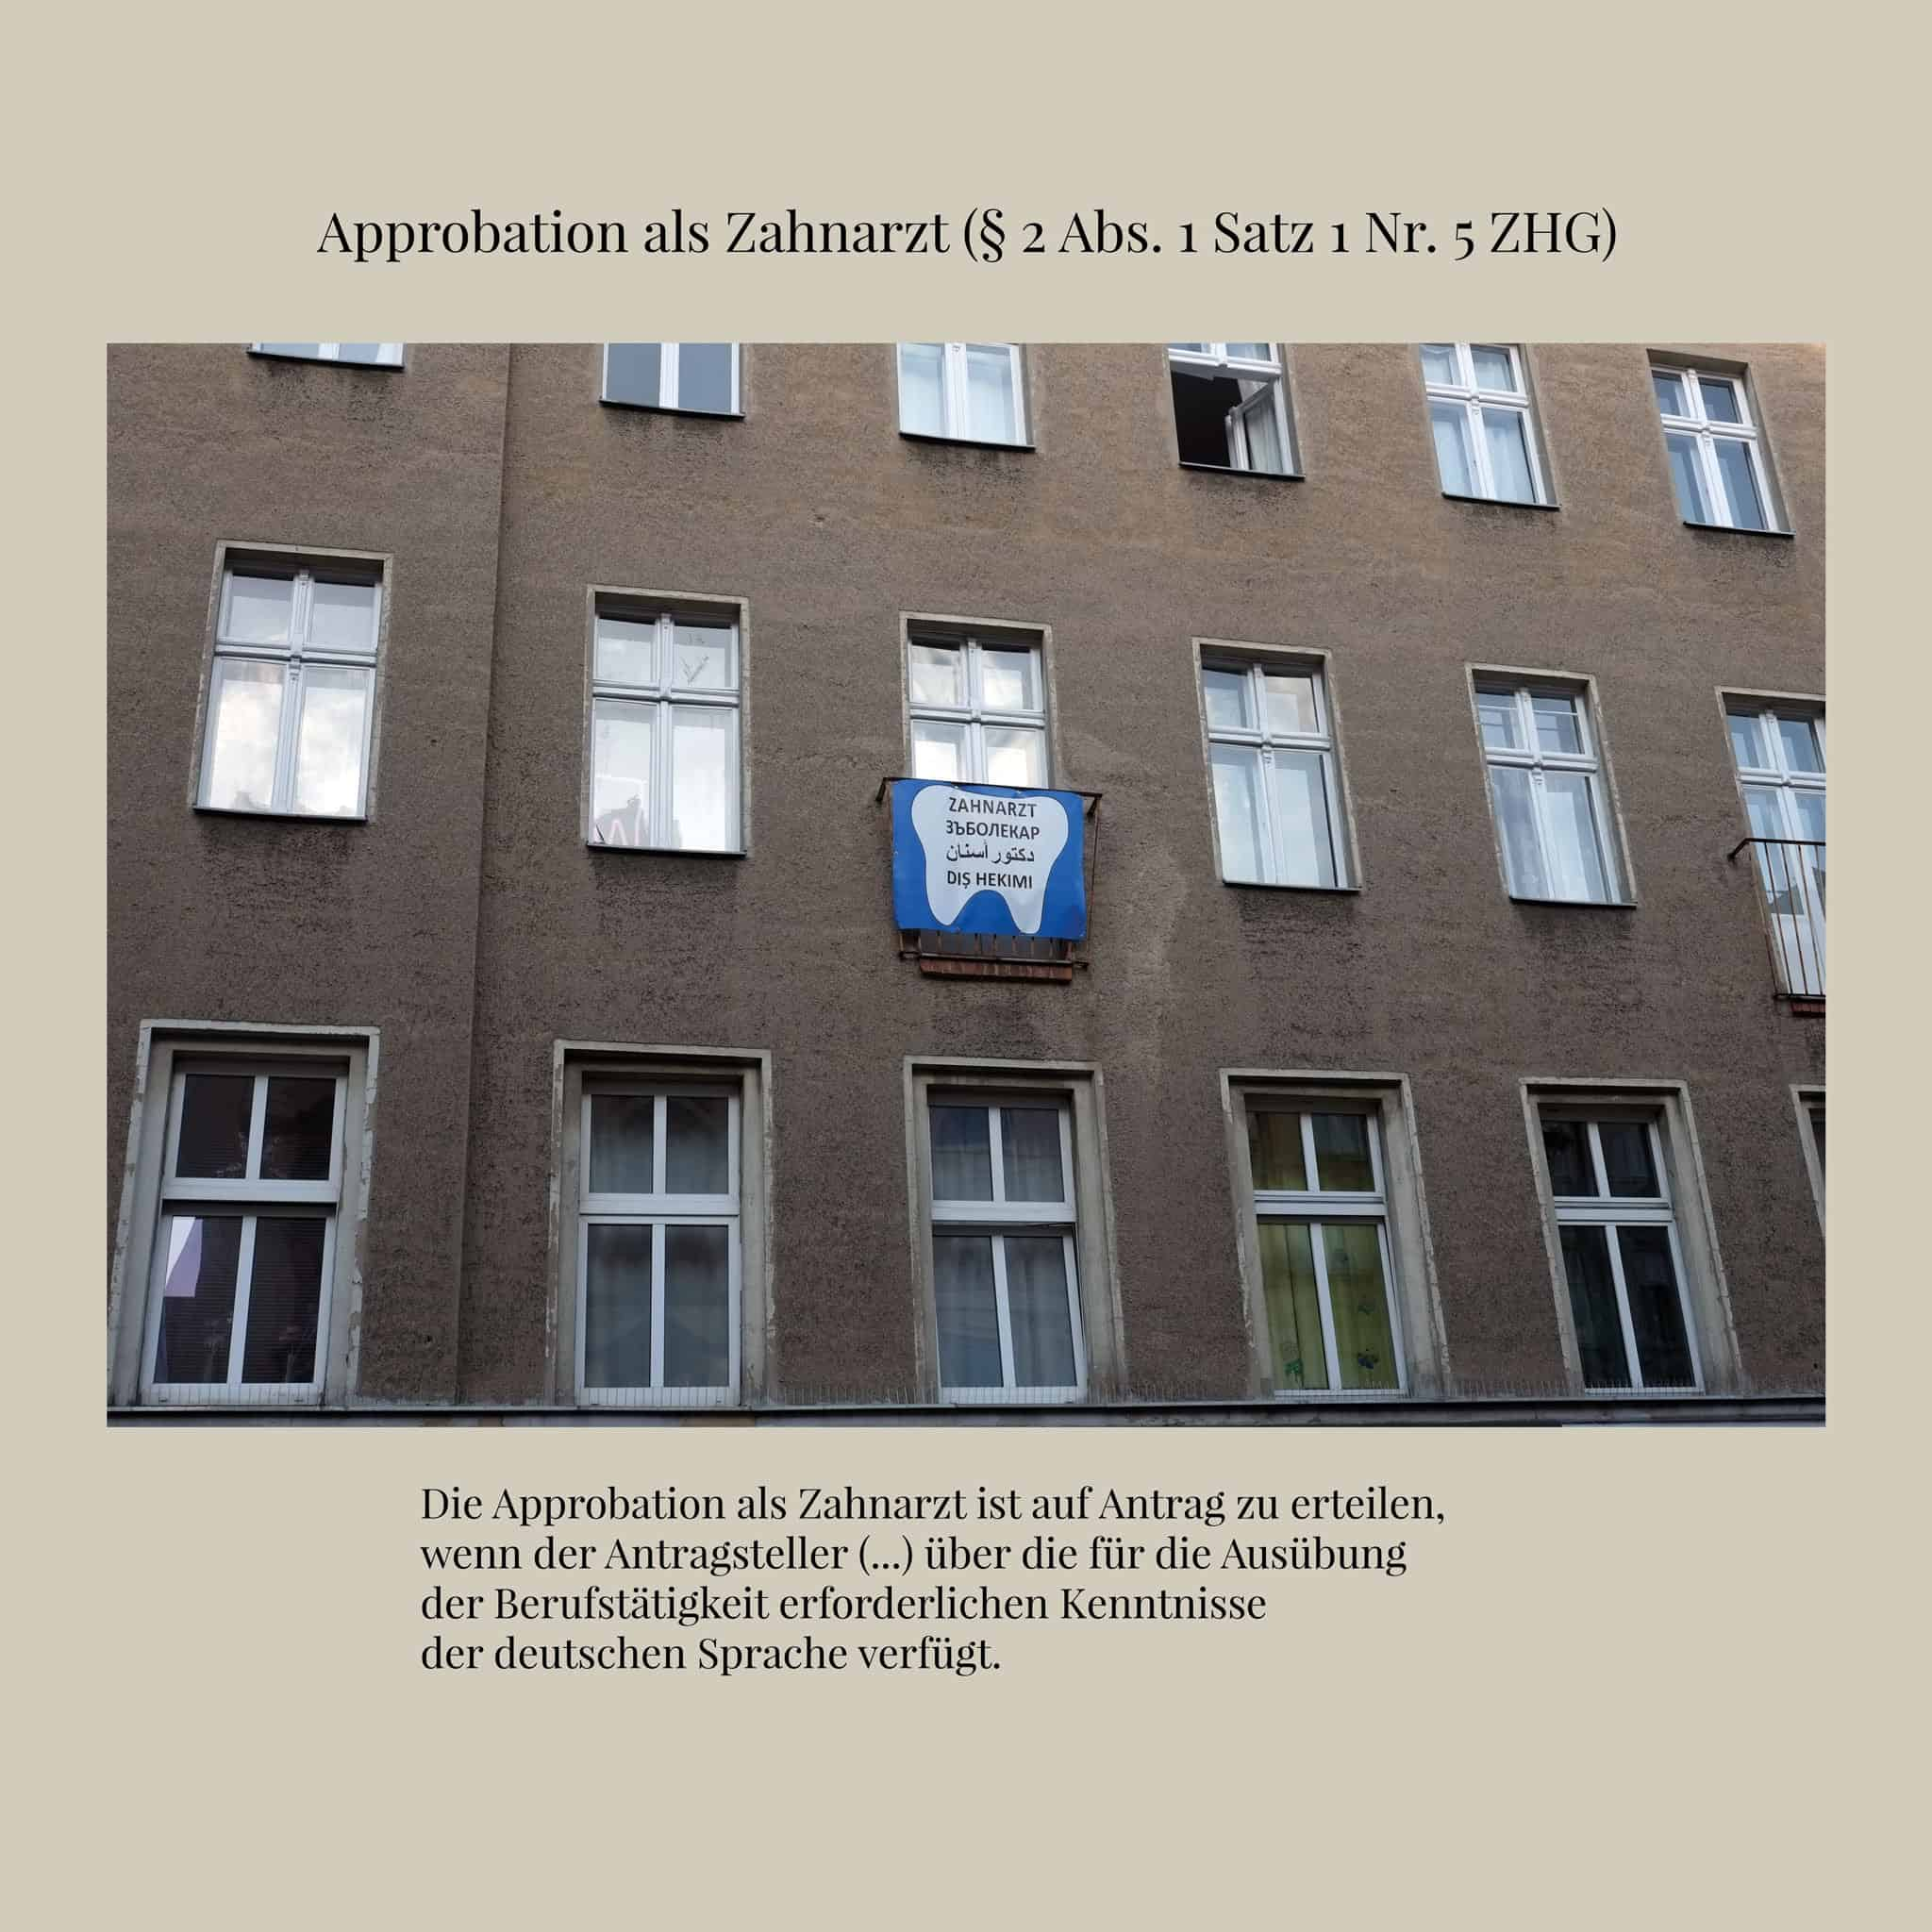 Approbation-als-Zahnarzt-(§-2-Abs.-1-Satz-1-Nr.-5-ZHG)-2048